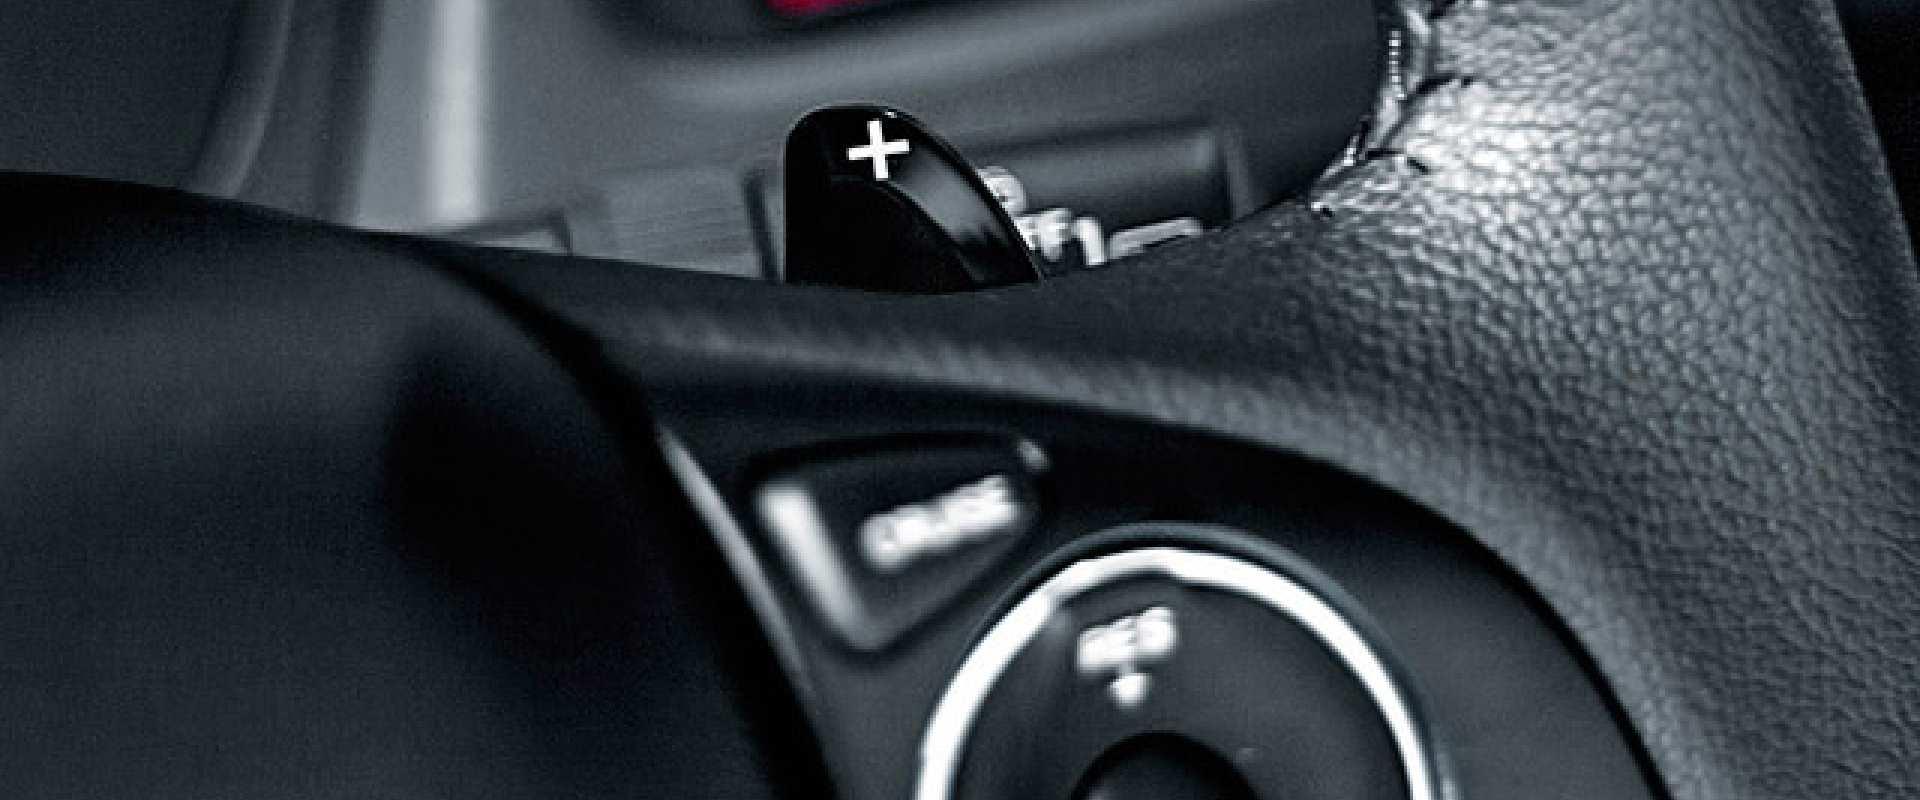 Troca de marcha no volante (Paddle Shift)